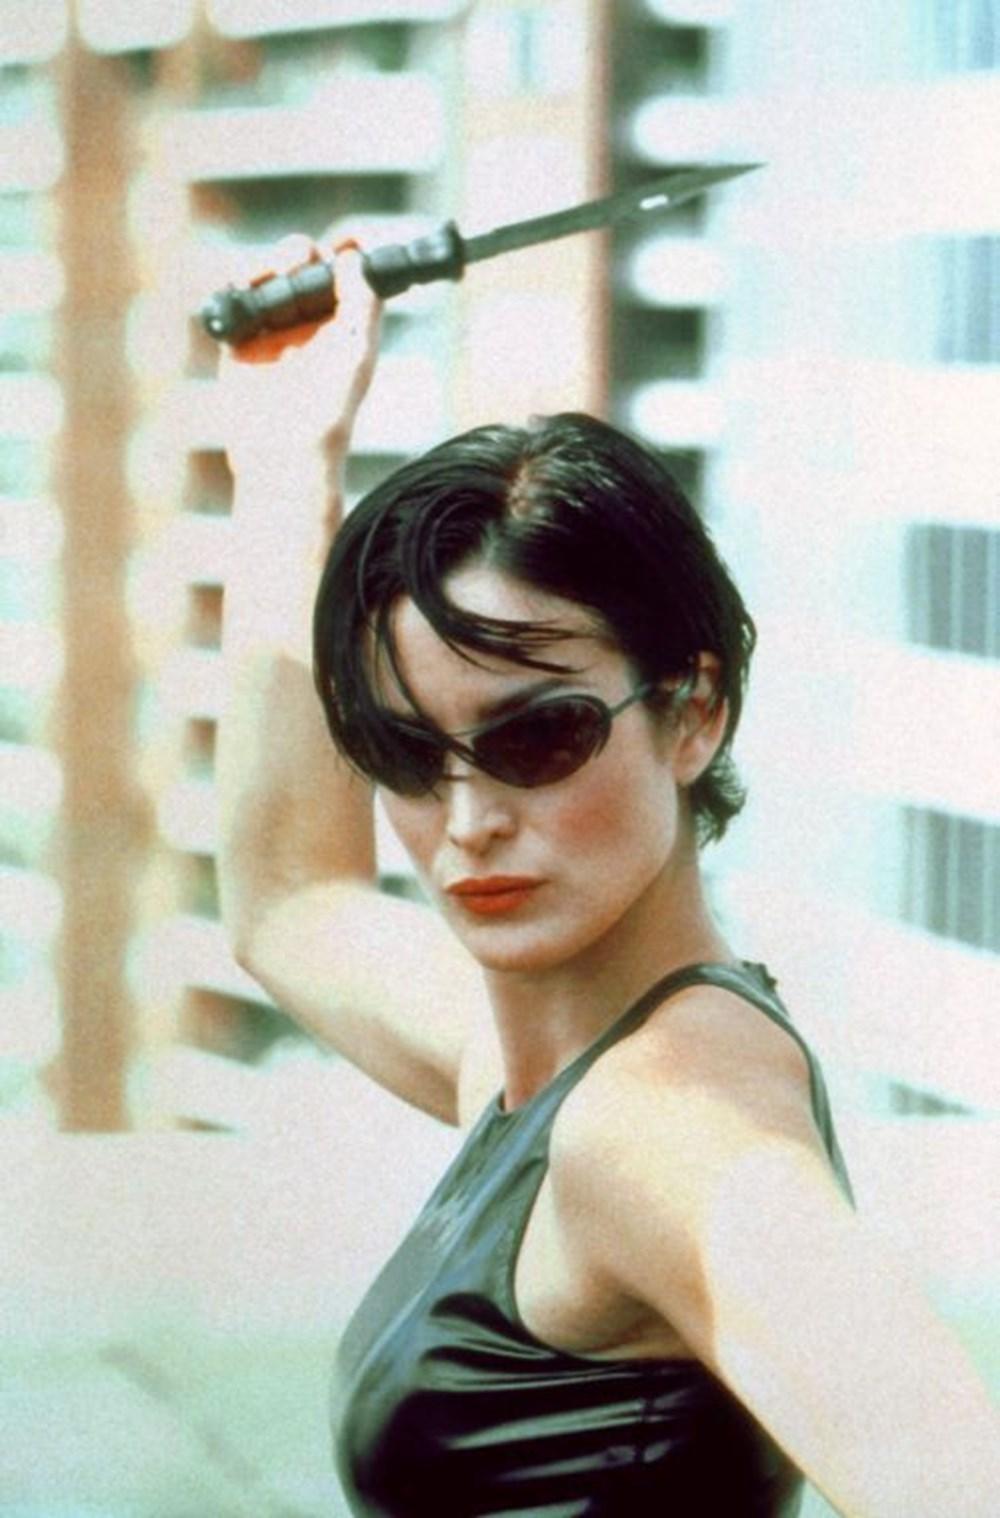 Batman ve Matrix'i reddeden Madonna: Kendimi öldürecek kadar pişman oldum - 4